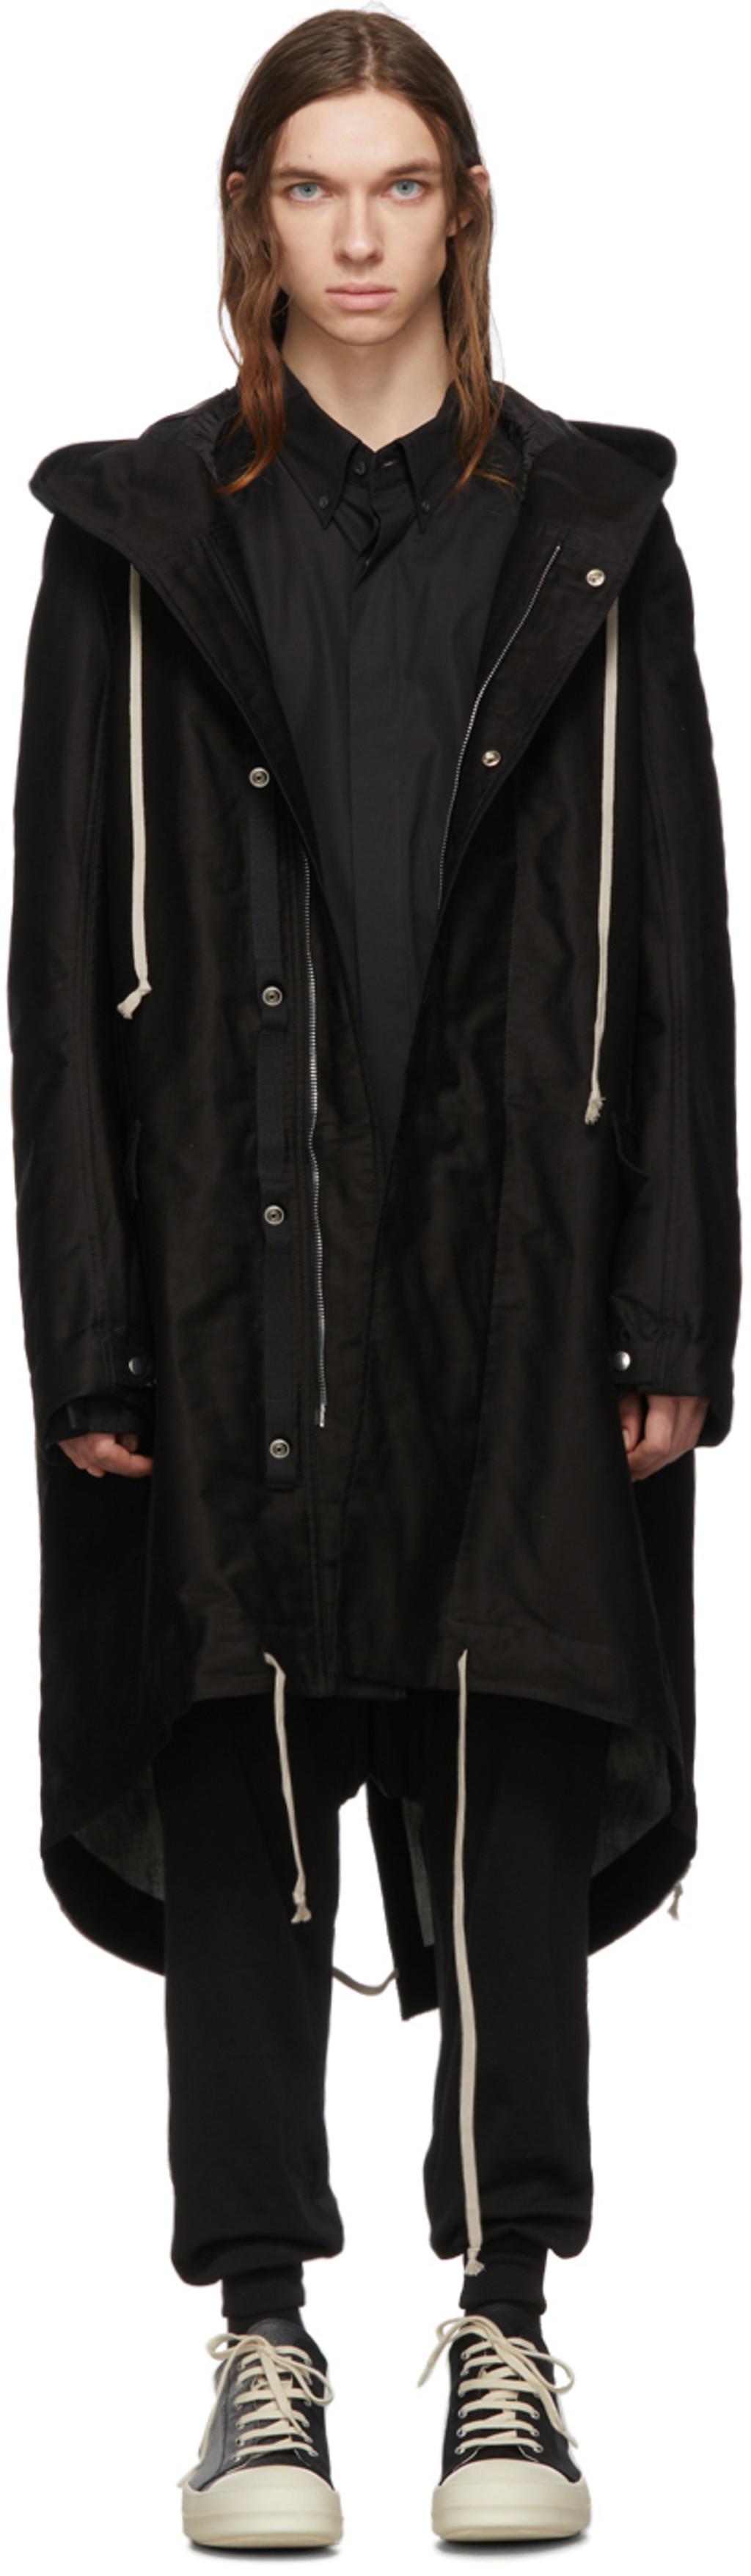 Black & Silver Fishtail Parka Coat